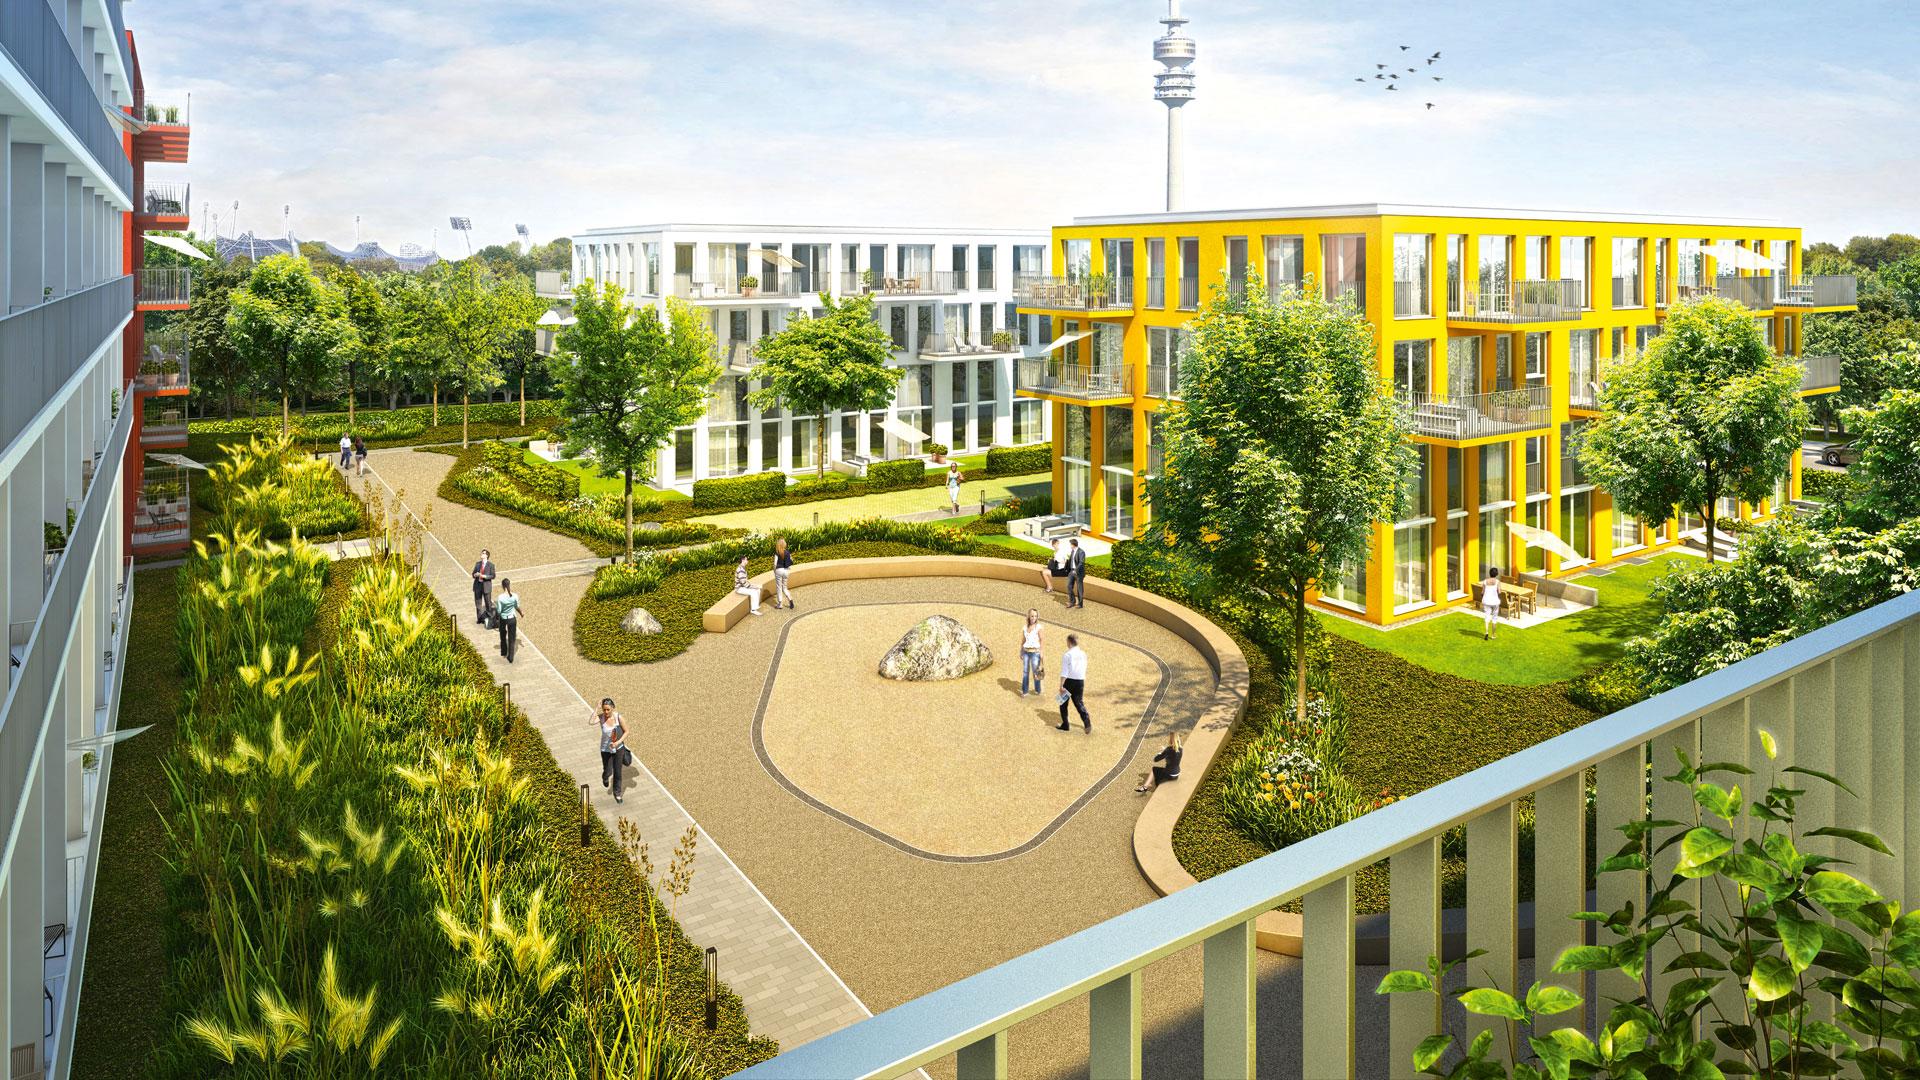 Grafik Neubauprojekt studiomuc Serviceapartments in München-Schwabing mit Gebäudekomplexen und Feng Shui Gartengestaltung durch atelier8 Barbara Jurk